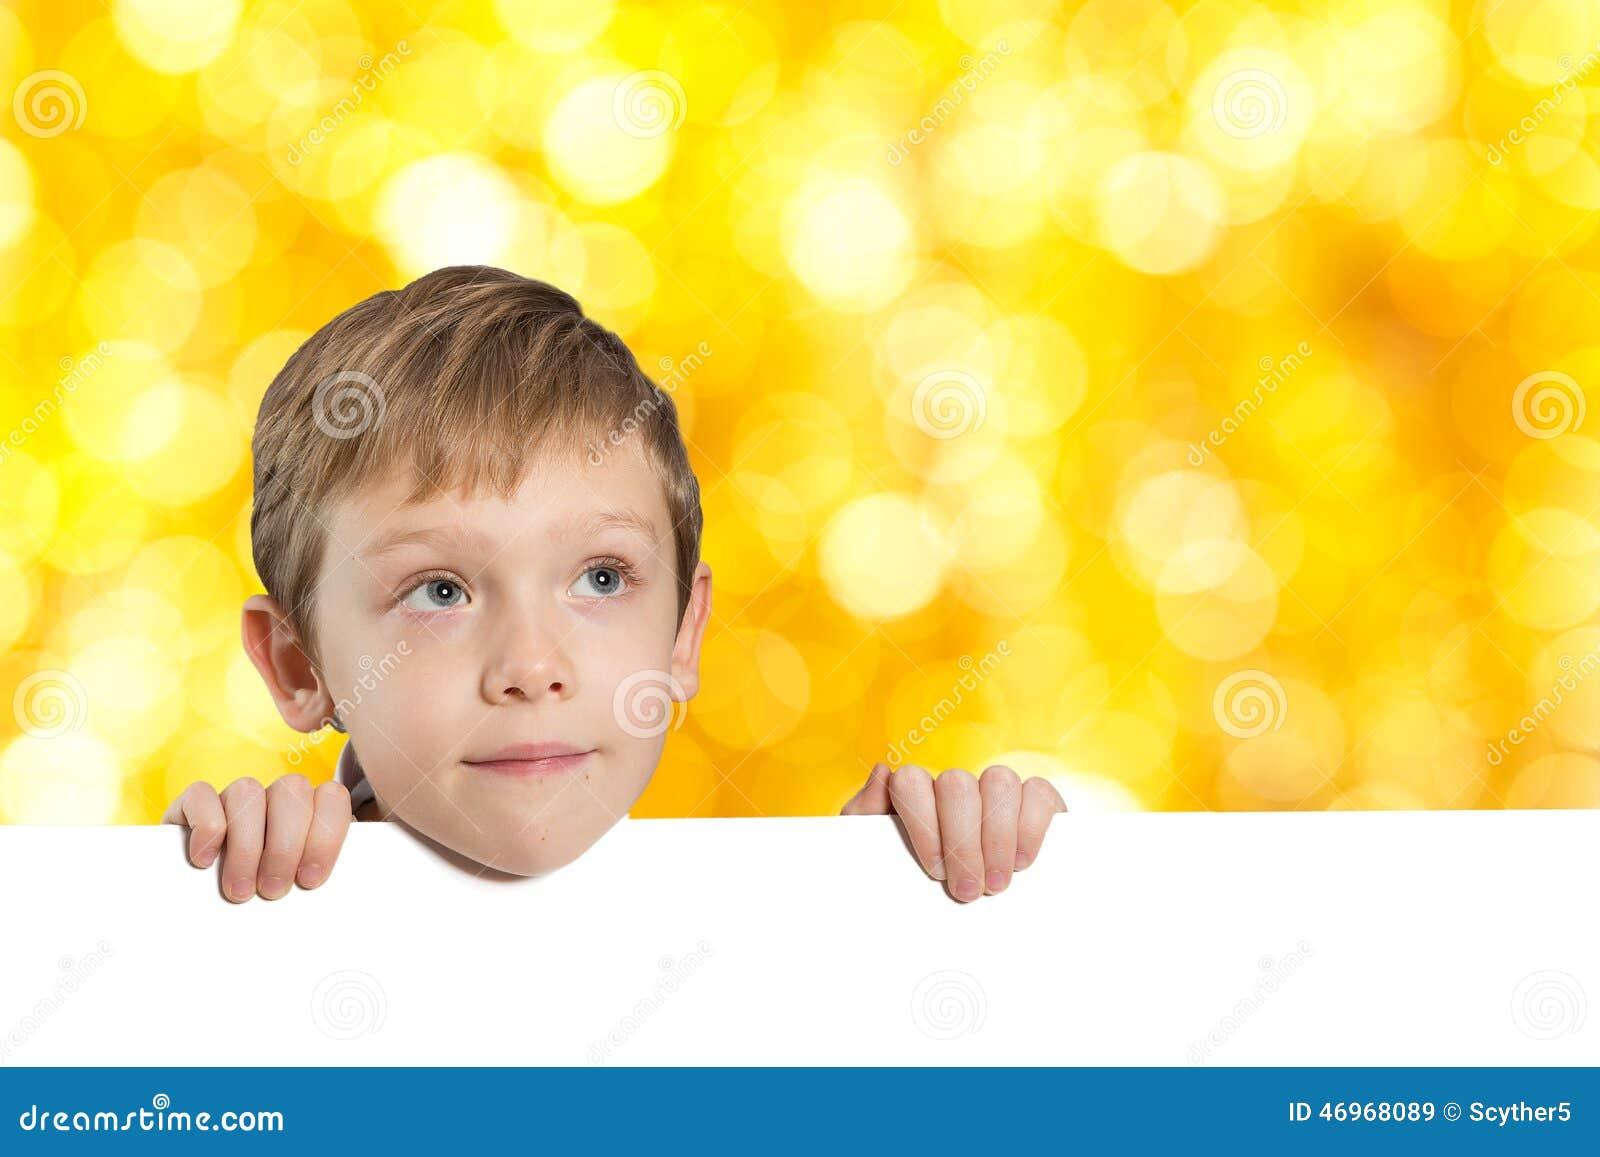 Kleiner Junge mit leerem Raum